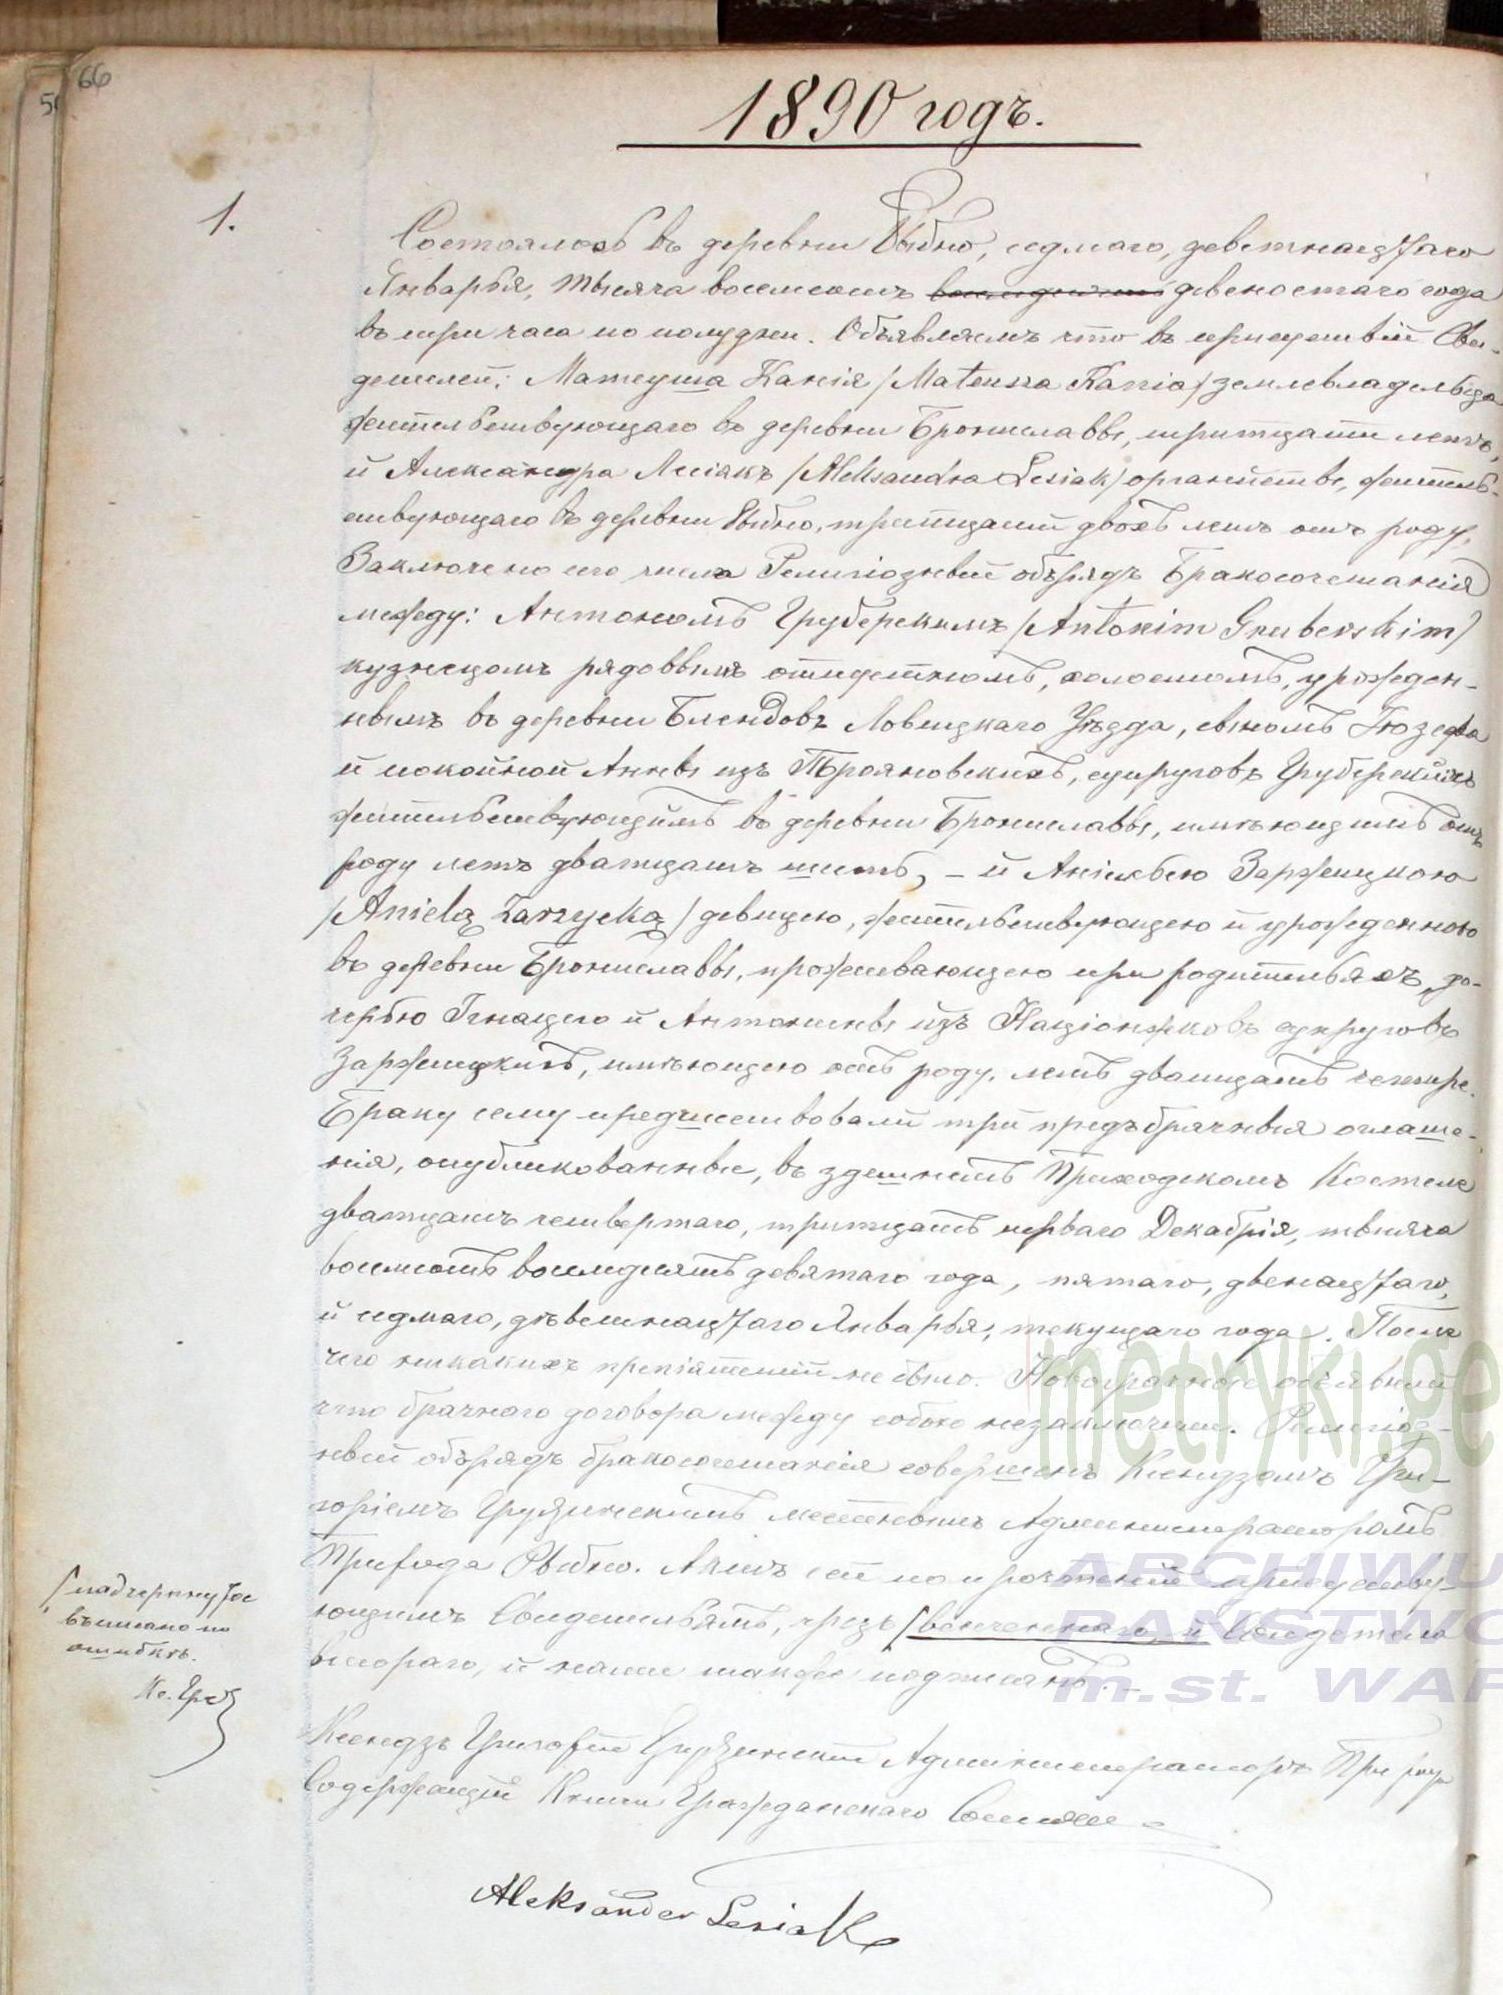 aniela-zarzycka-and-antoni-gruberski-1890